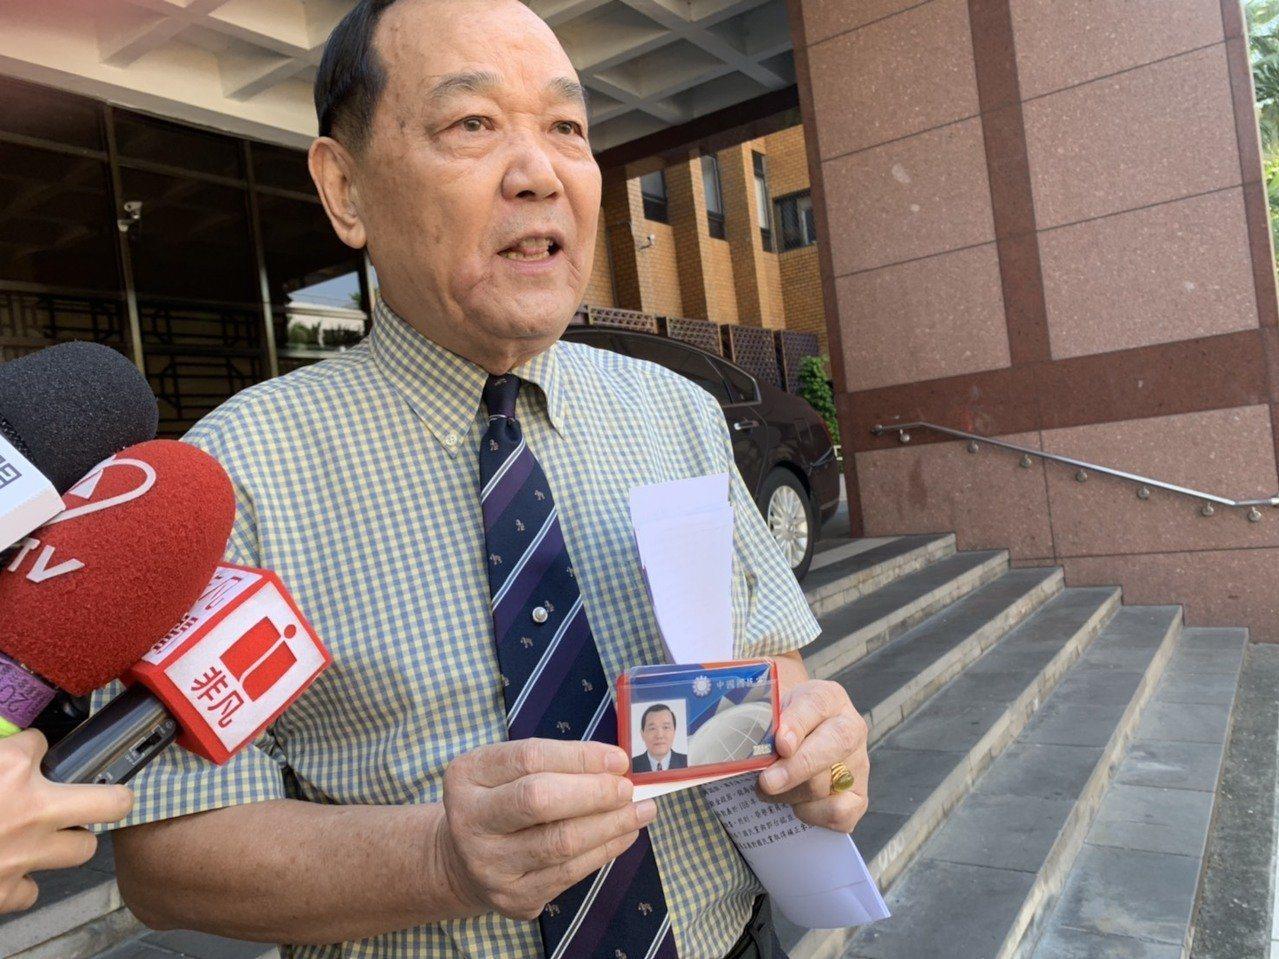 林憲同到台北地院控告郭台銘詐欺、背信,並附帶民事要求郭台銘退黨、登報道歉,還要賠...